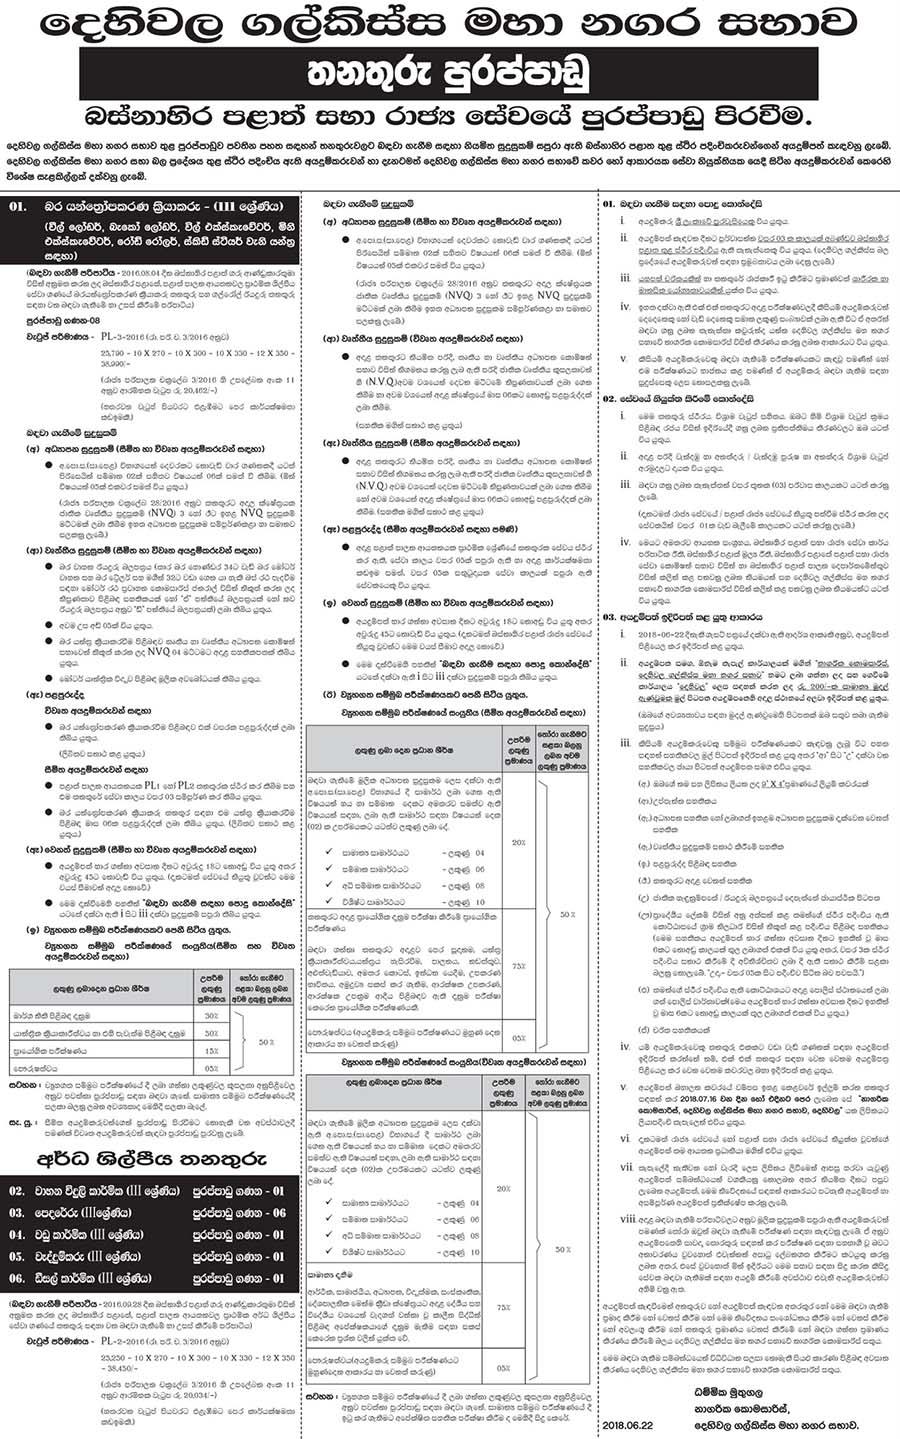 Vacancies at Dehiwala - Mount Lavinia Municipal Council